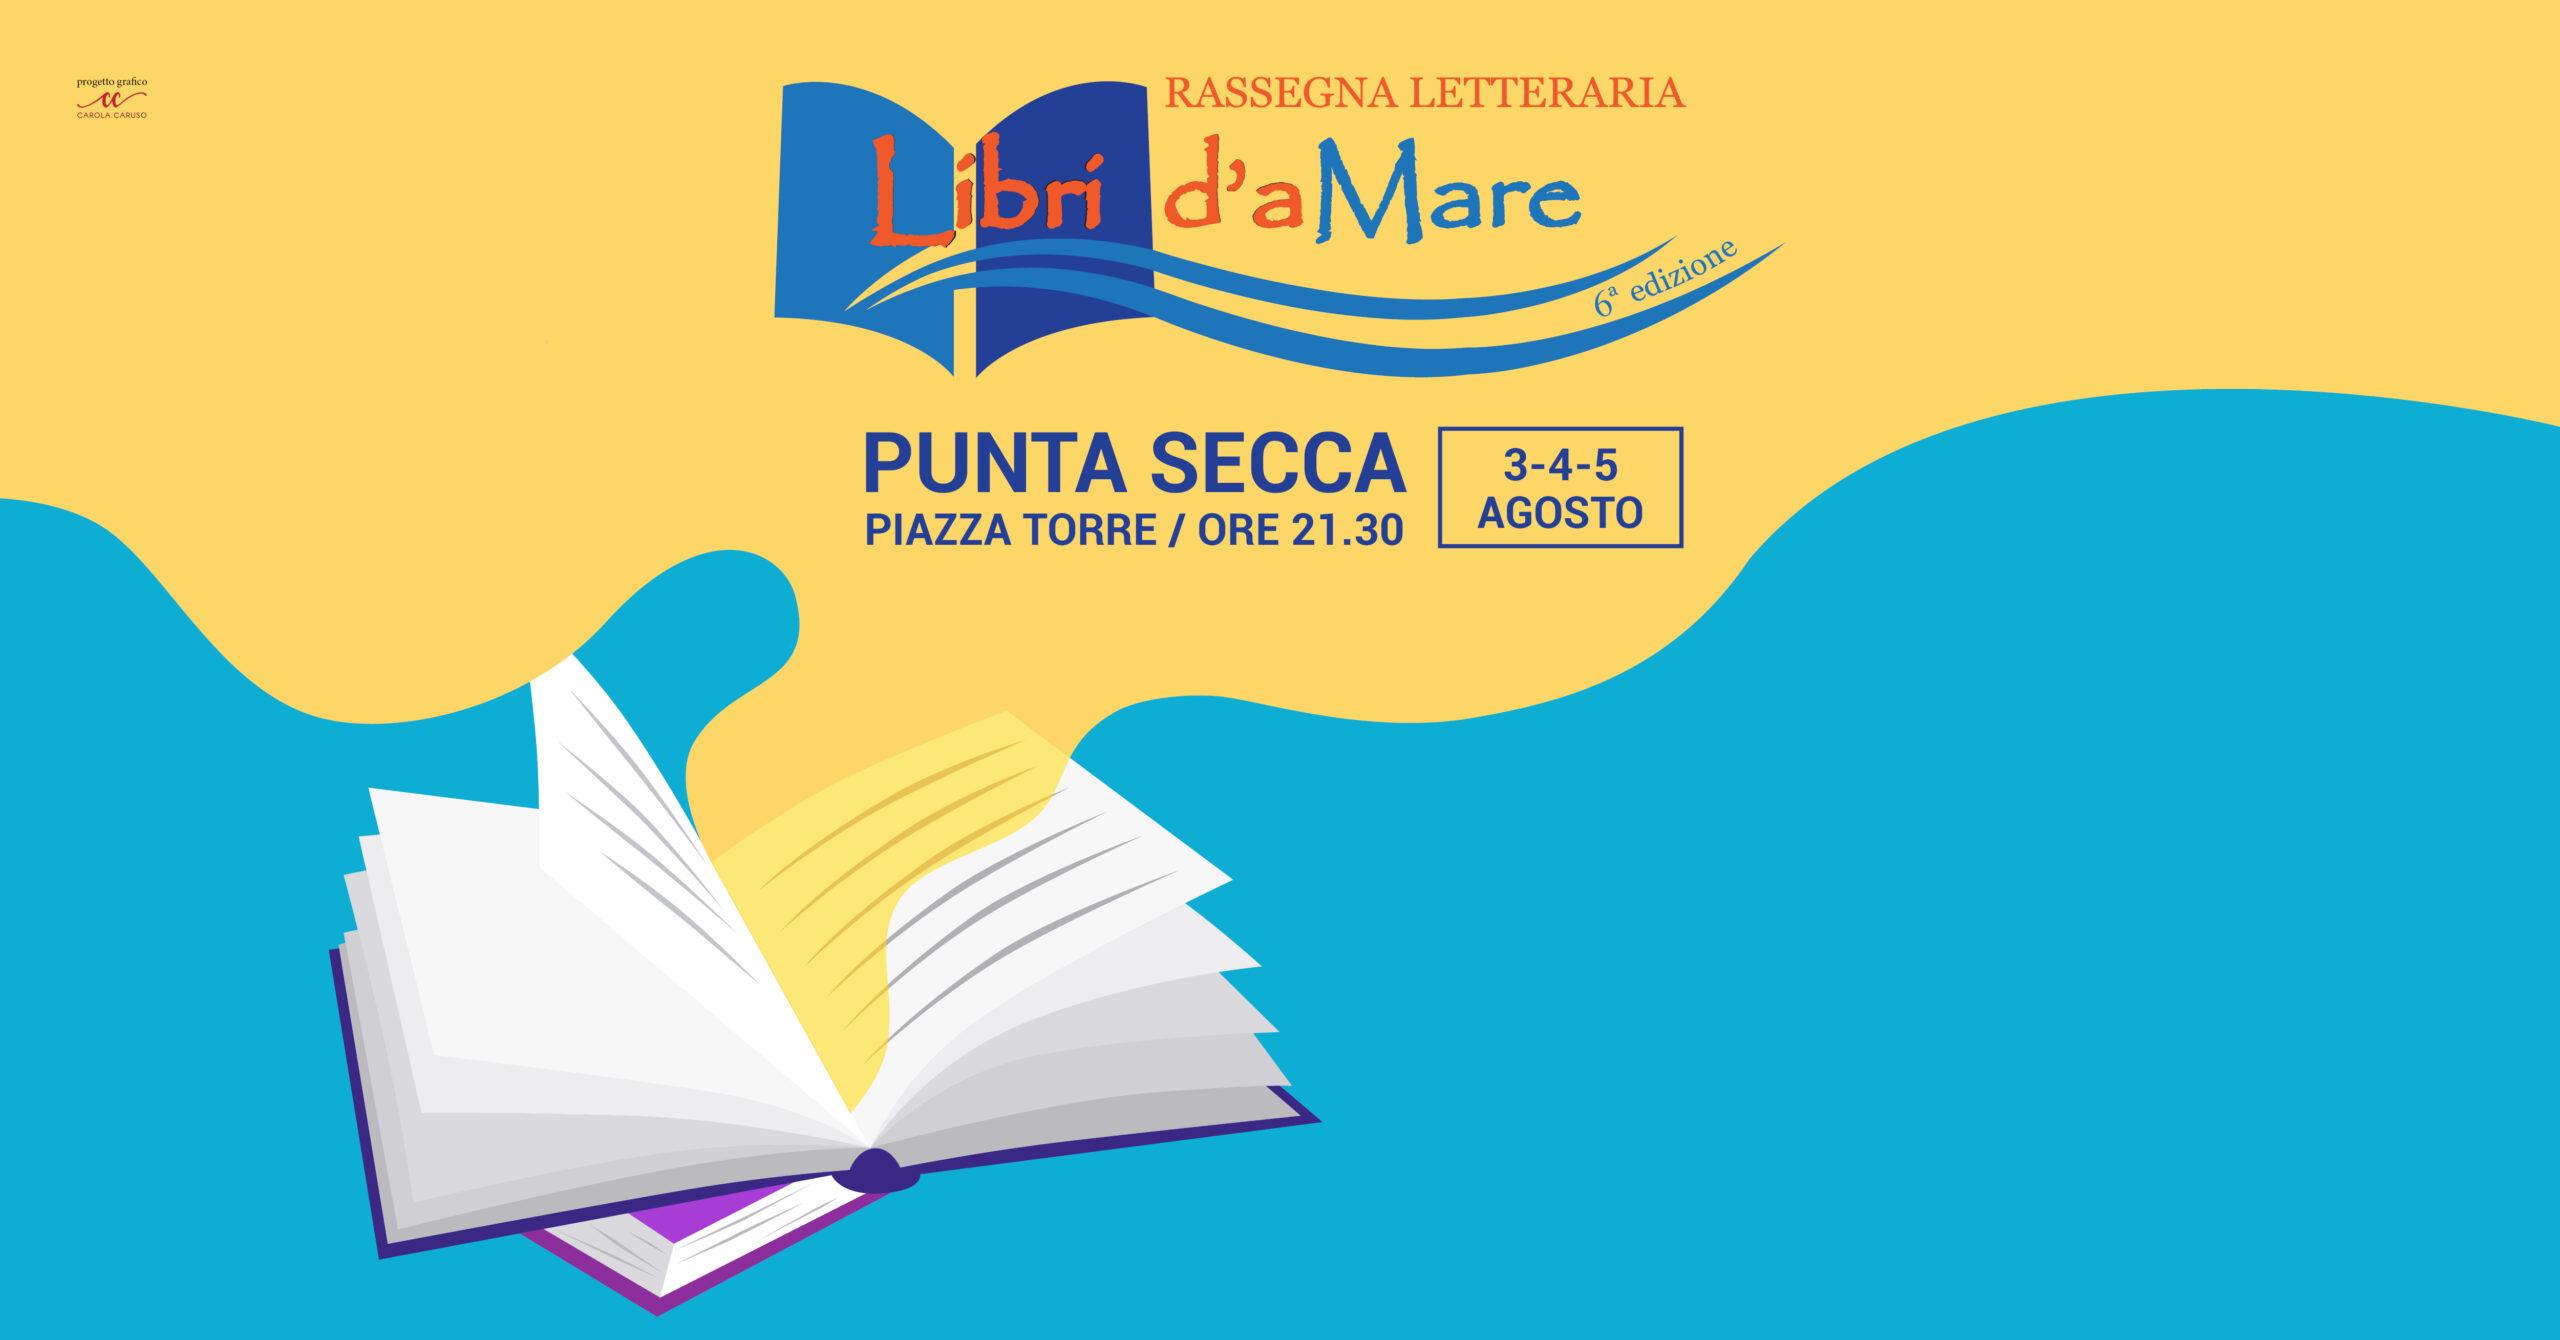 """""""Libri d'aMare"""", dal 3 al 5 agosto la sesta edizione della rassegna letteraria edizione 2020"""